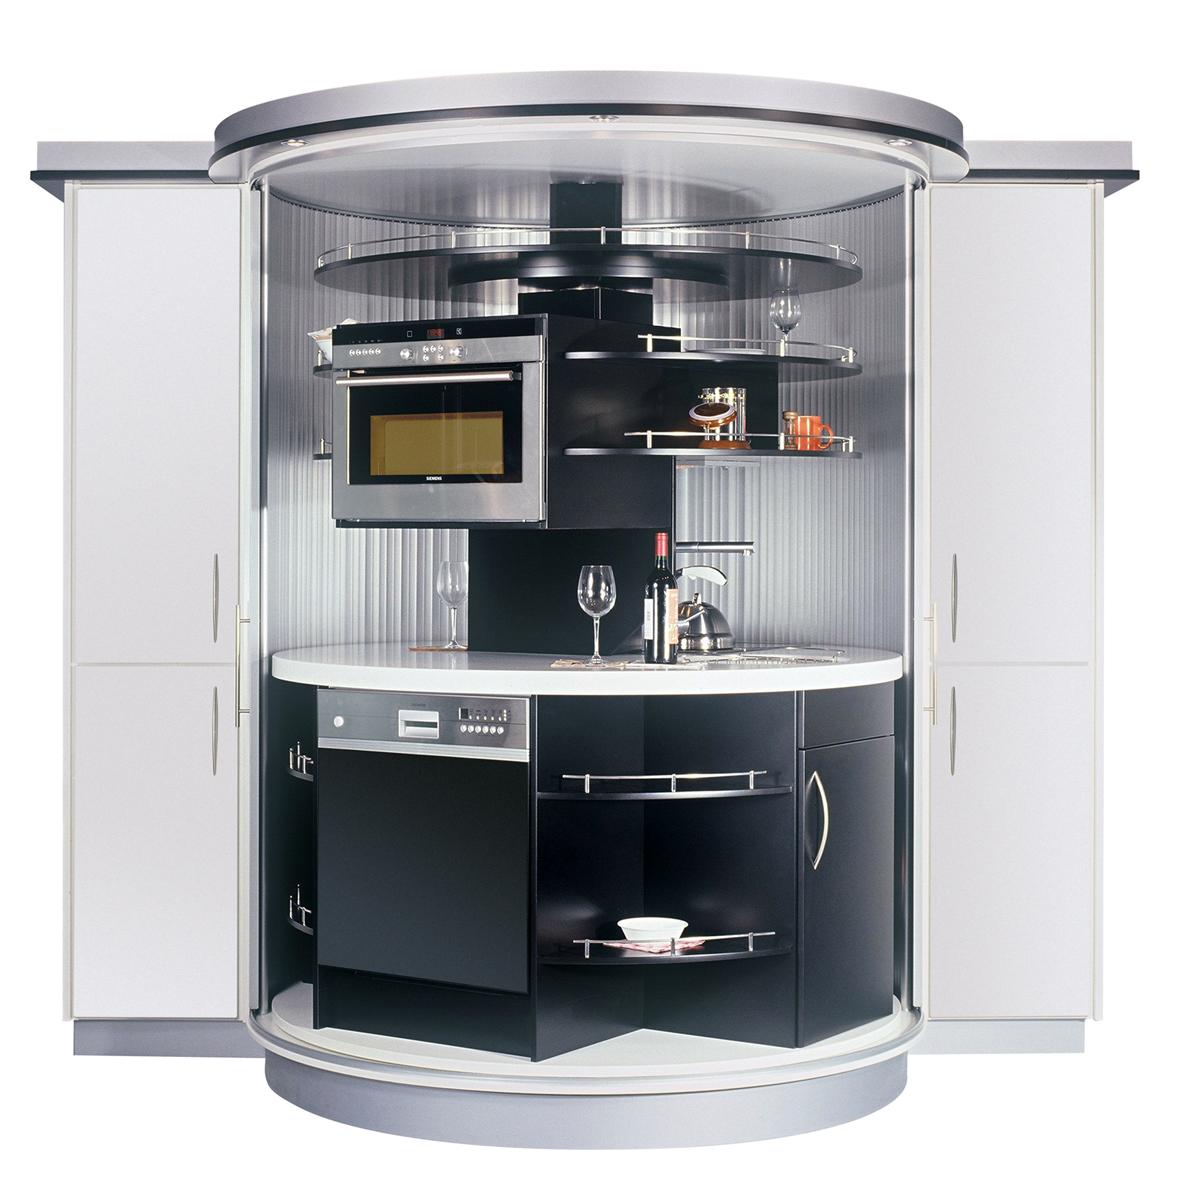 Revolving Circle Compact Kitchen  iDesignArch  Interior Design Architecture  Interior